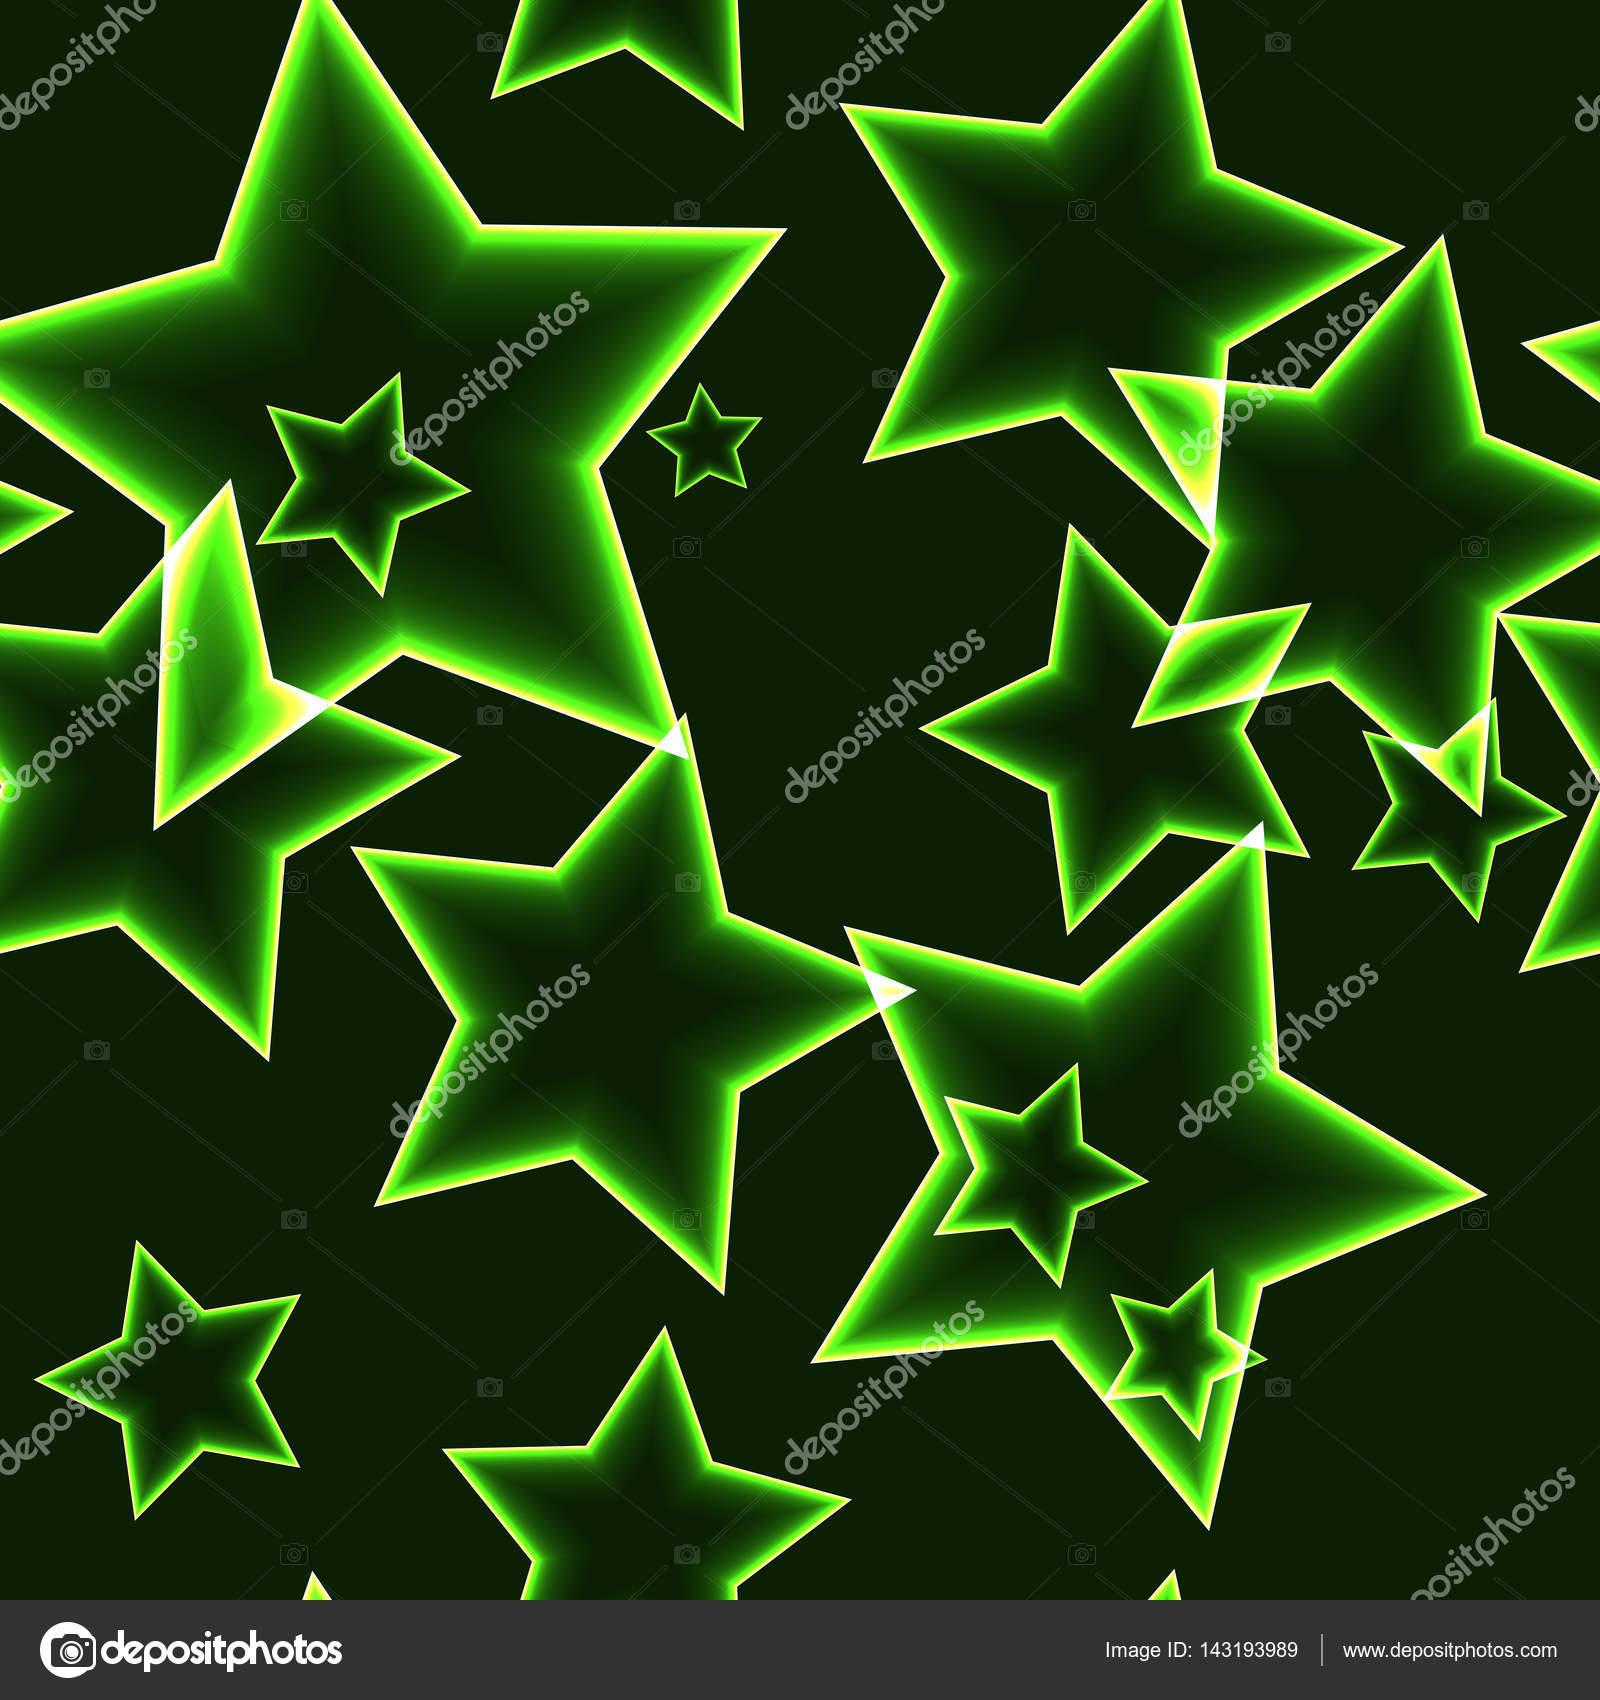 Vettore Sfondi Verde Fluo Reticolo Senza Giunte Scuro Con Stelle